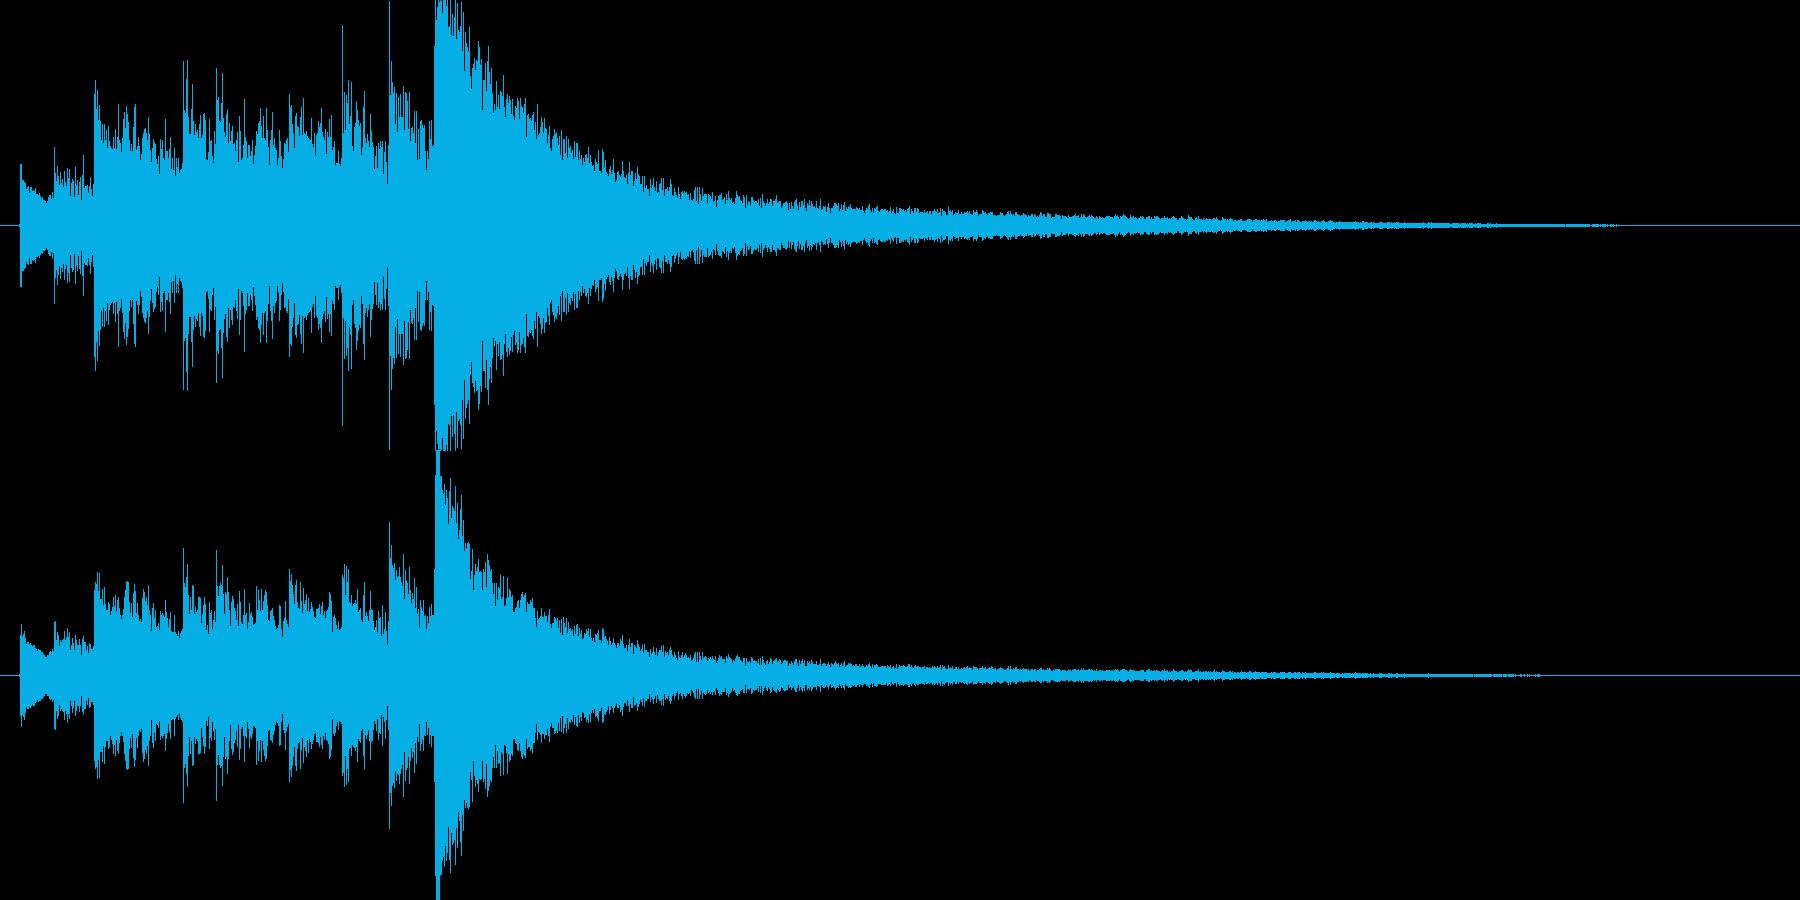 気味の悪い弦楽器の音(ツィターの音)の再生済みの波形